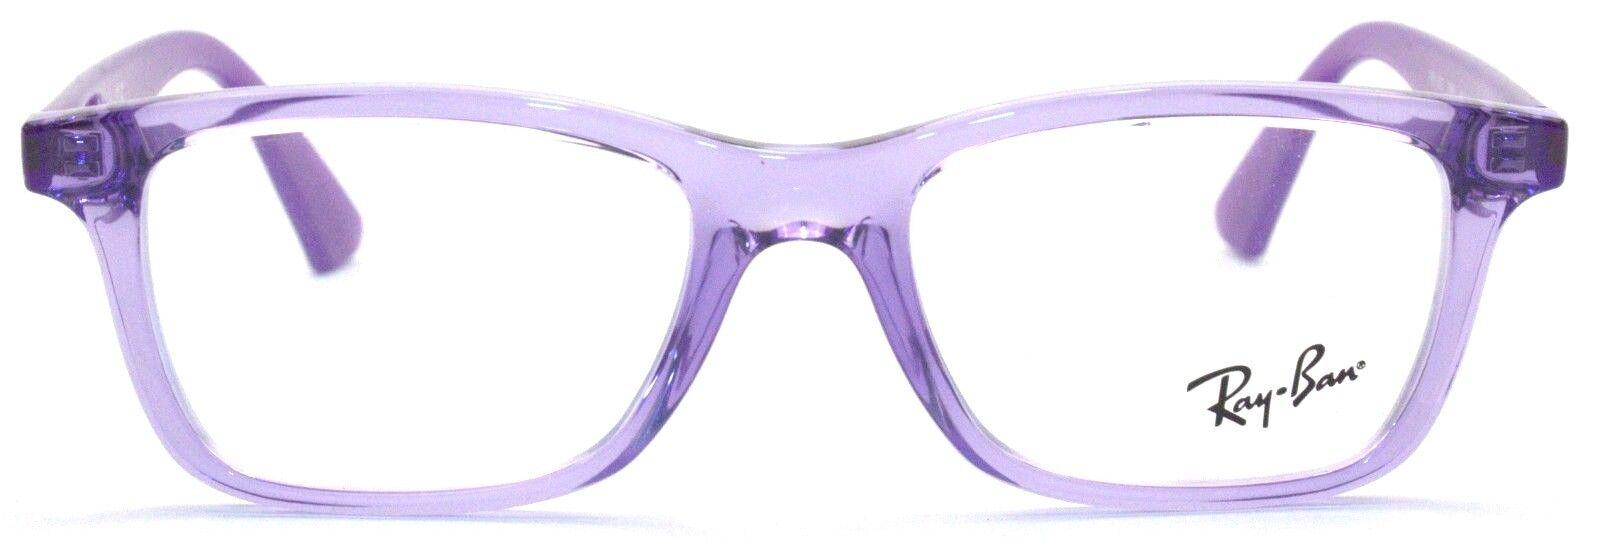 Ray-Ban Kinder Mädchen Brillenfassung RB1562 3688 46 mm violett 221 40